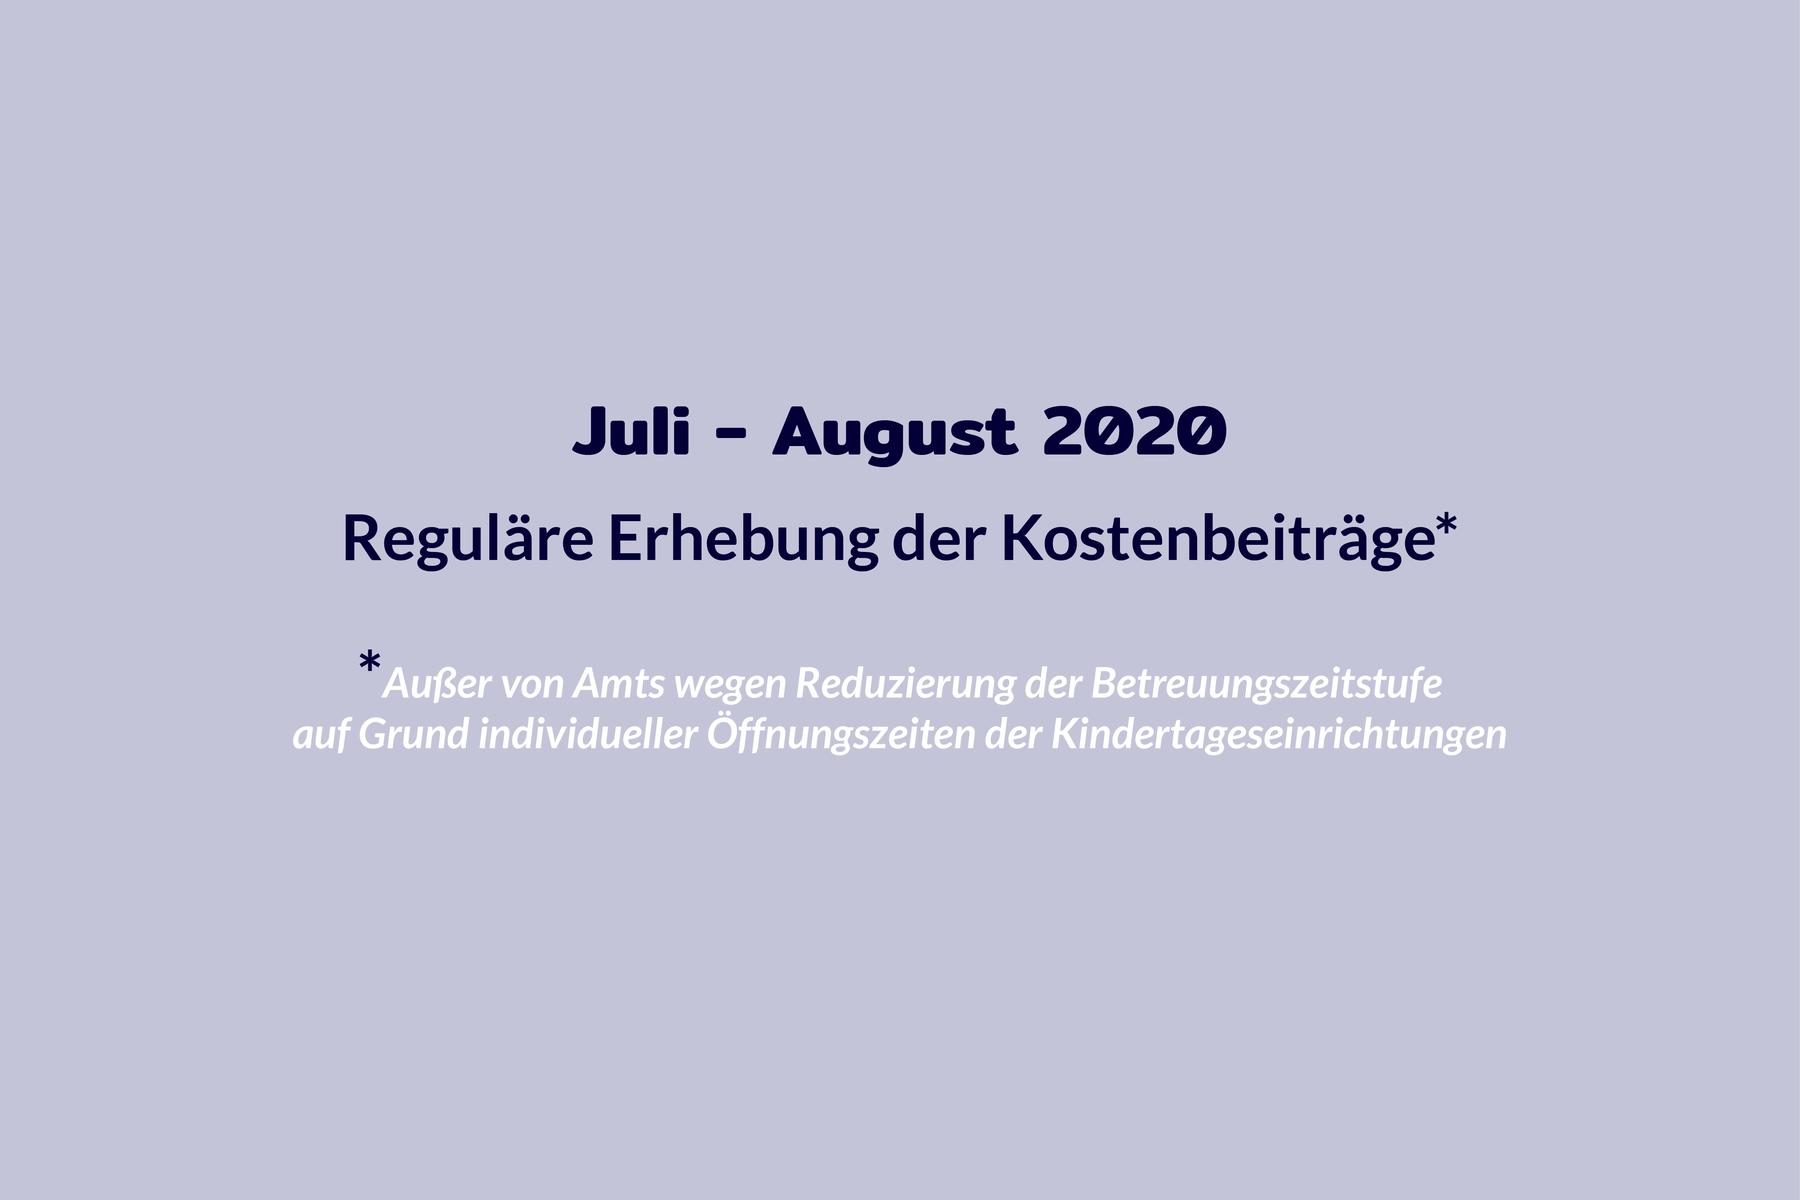 Chronologie Kosten Juli bis August 2020